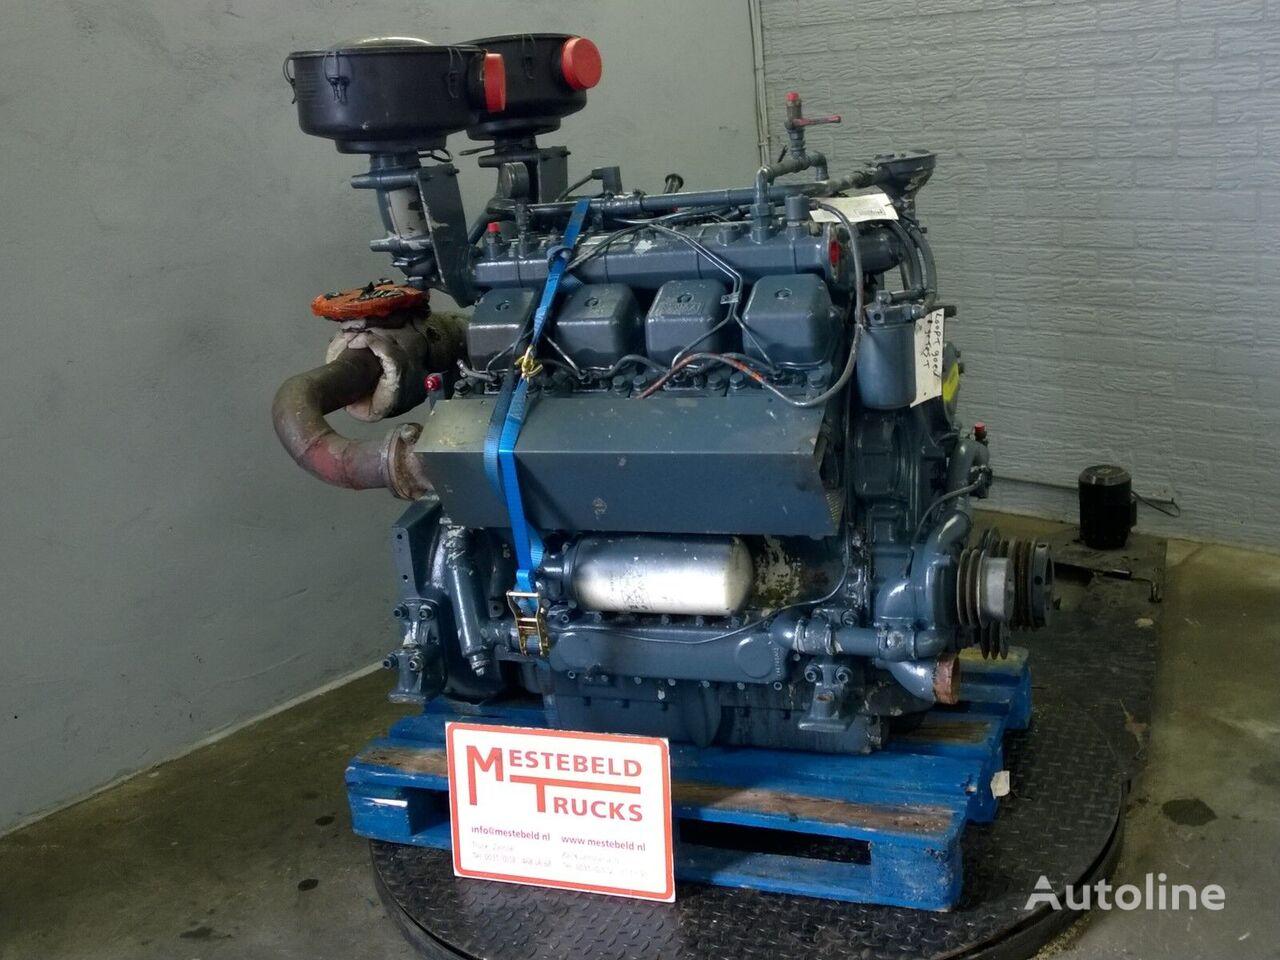 двигател  MWM D234 V8 за влекач Motor MWM D234 V8